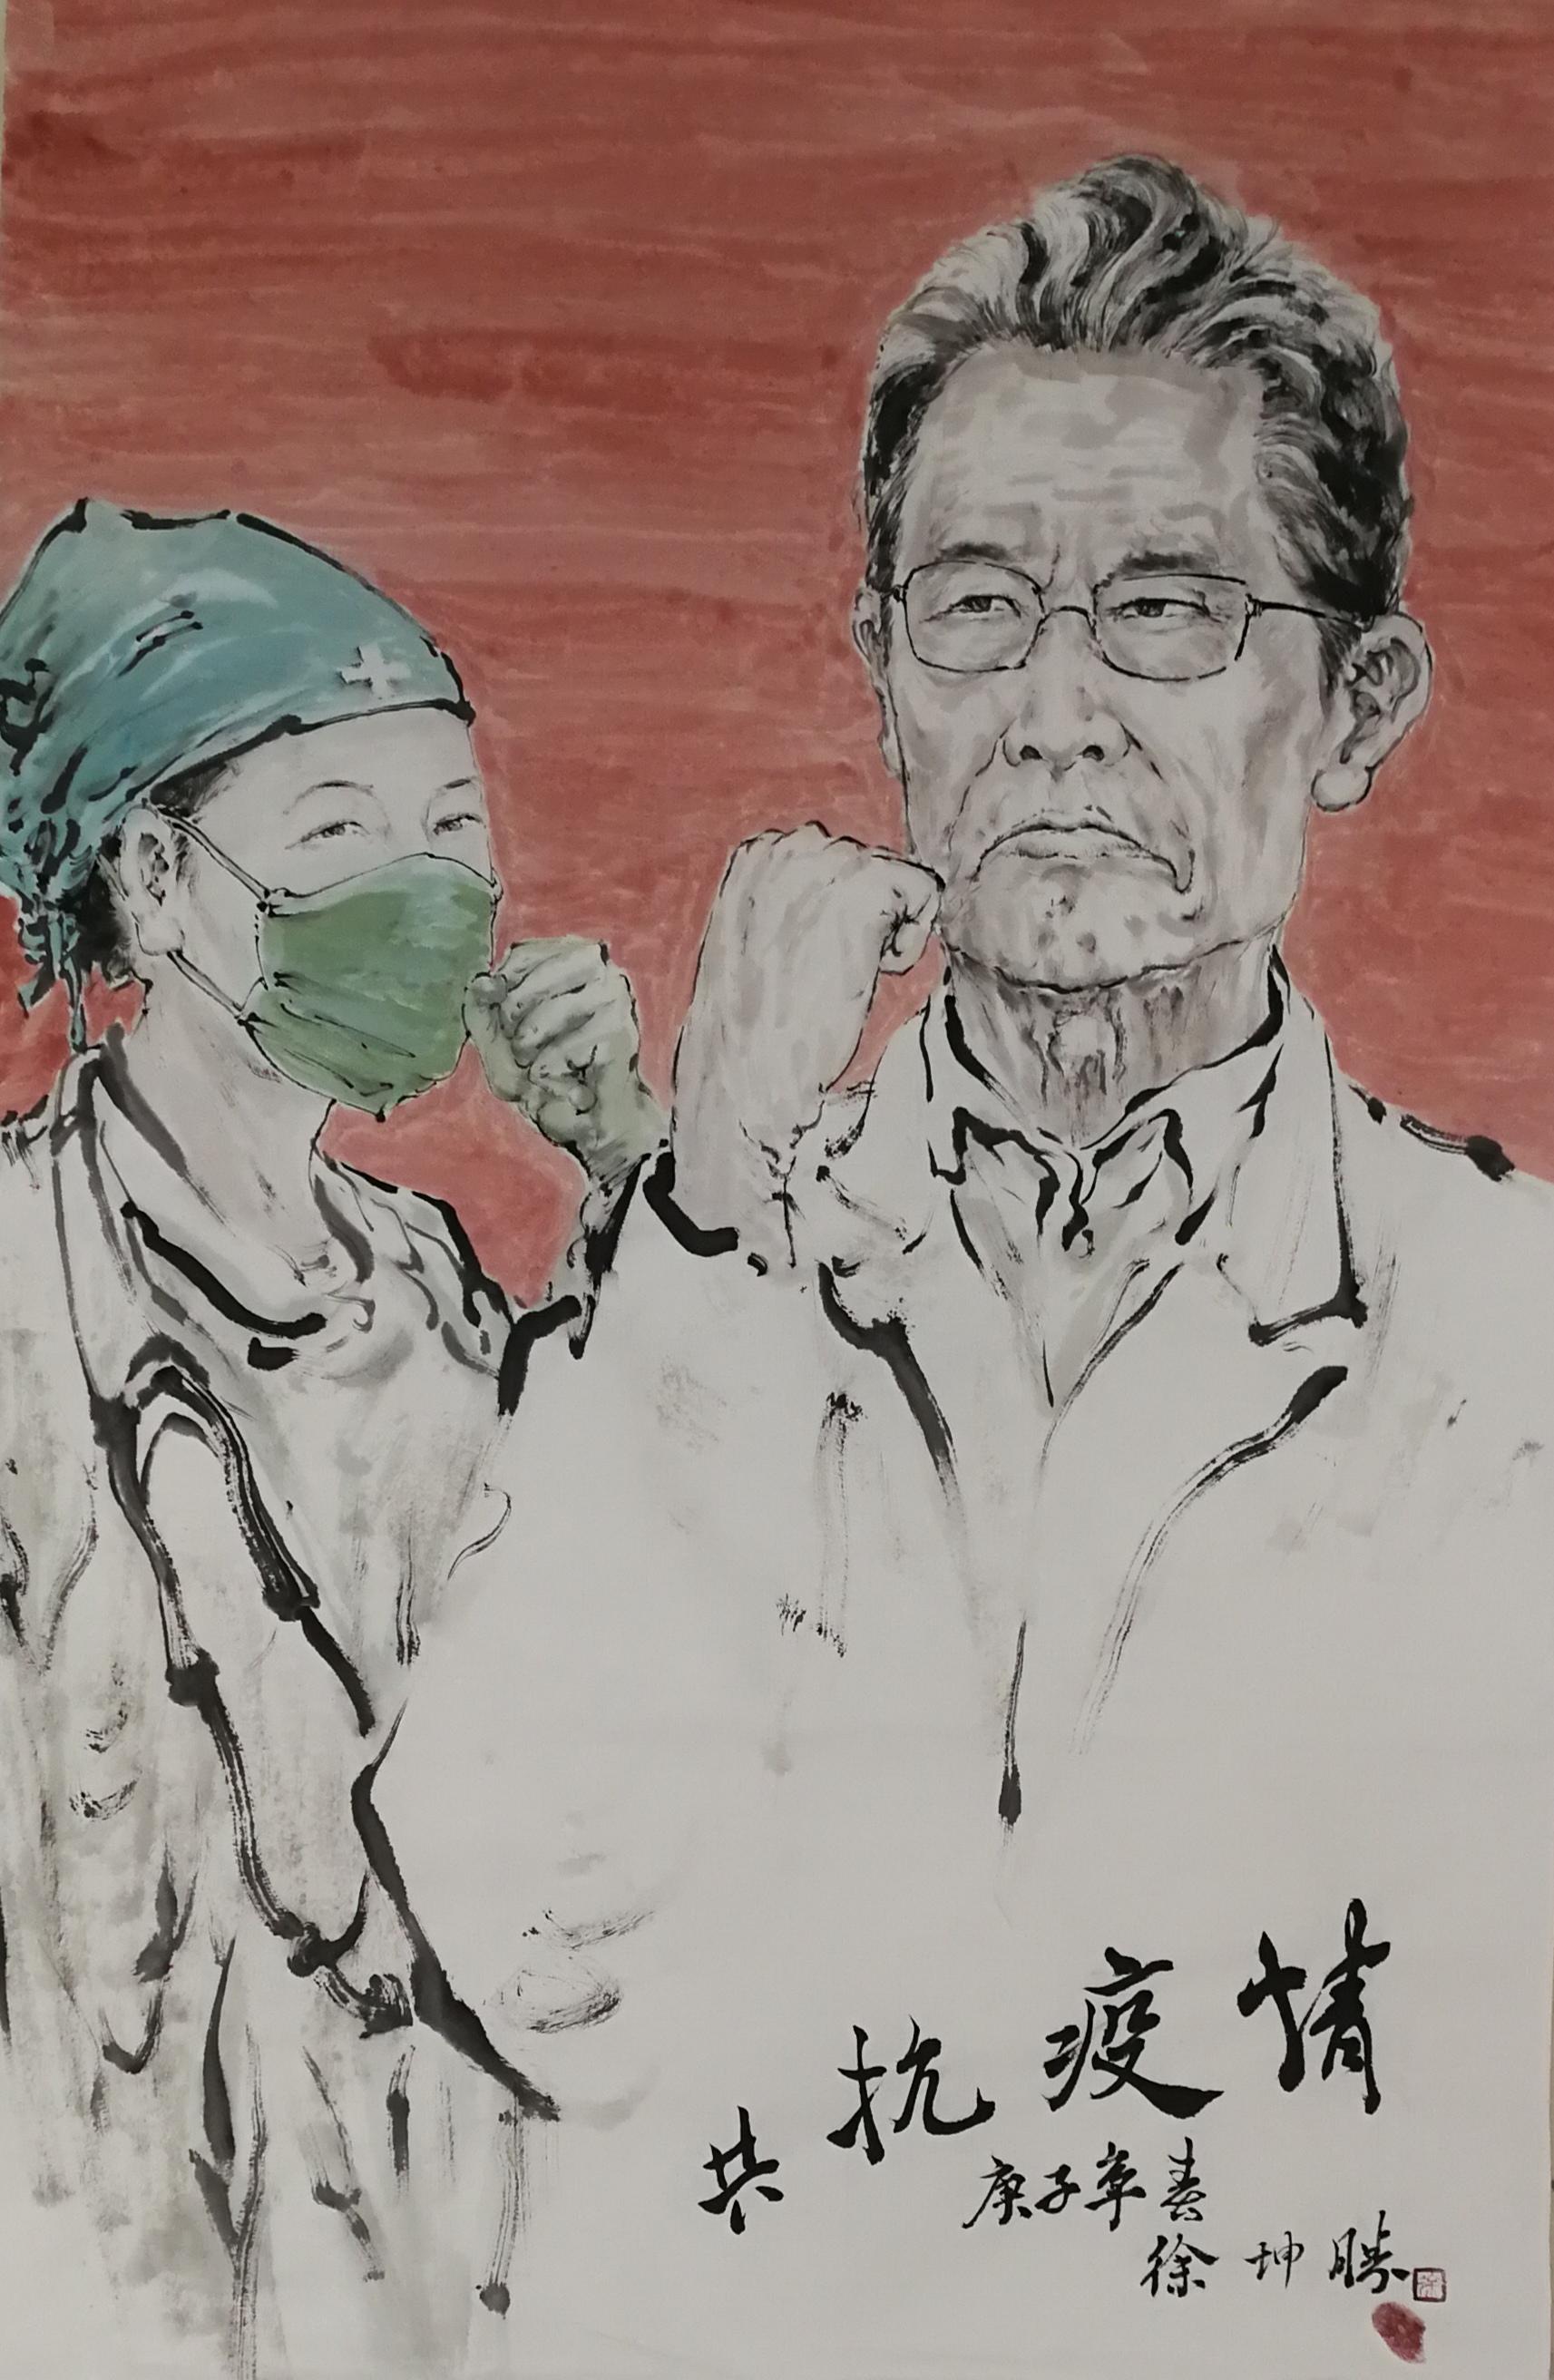 《共抗疫情》作者:徐坤胜